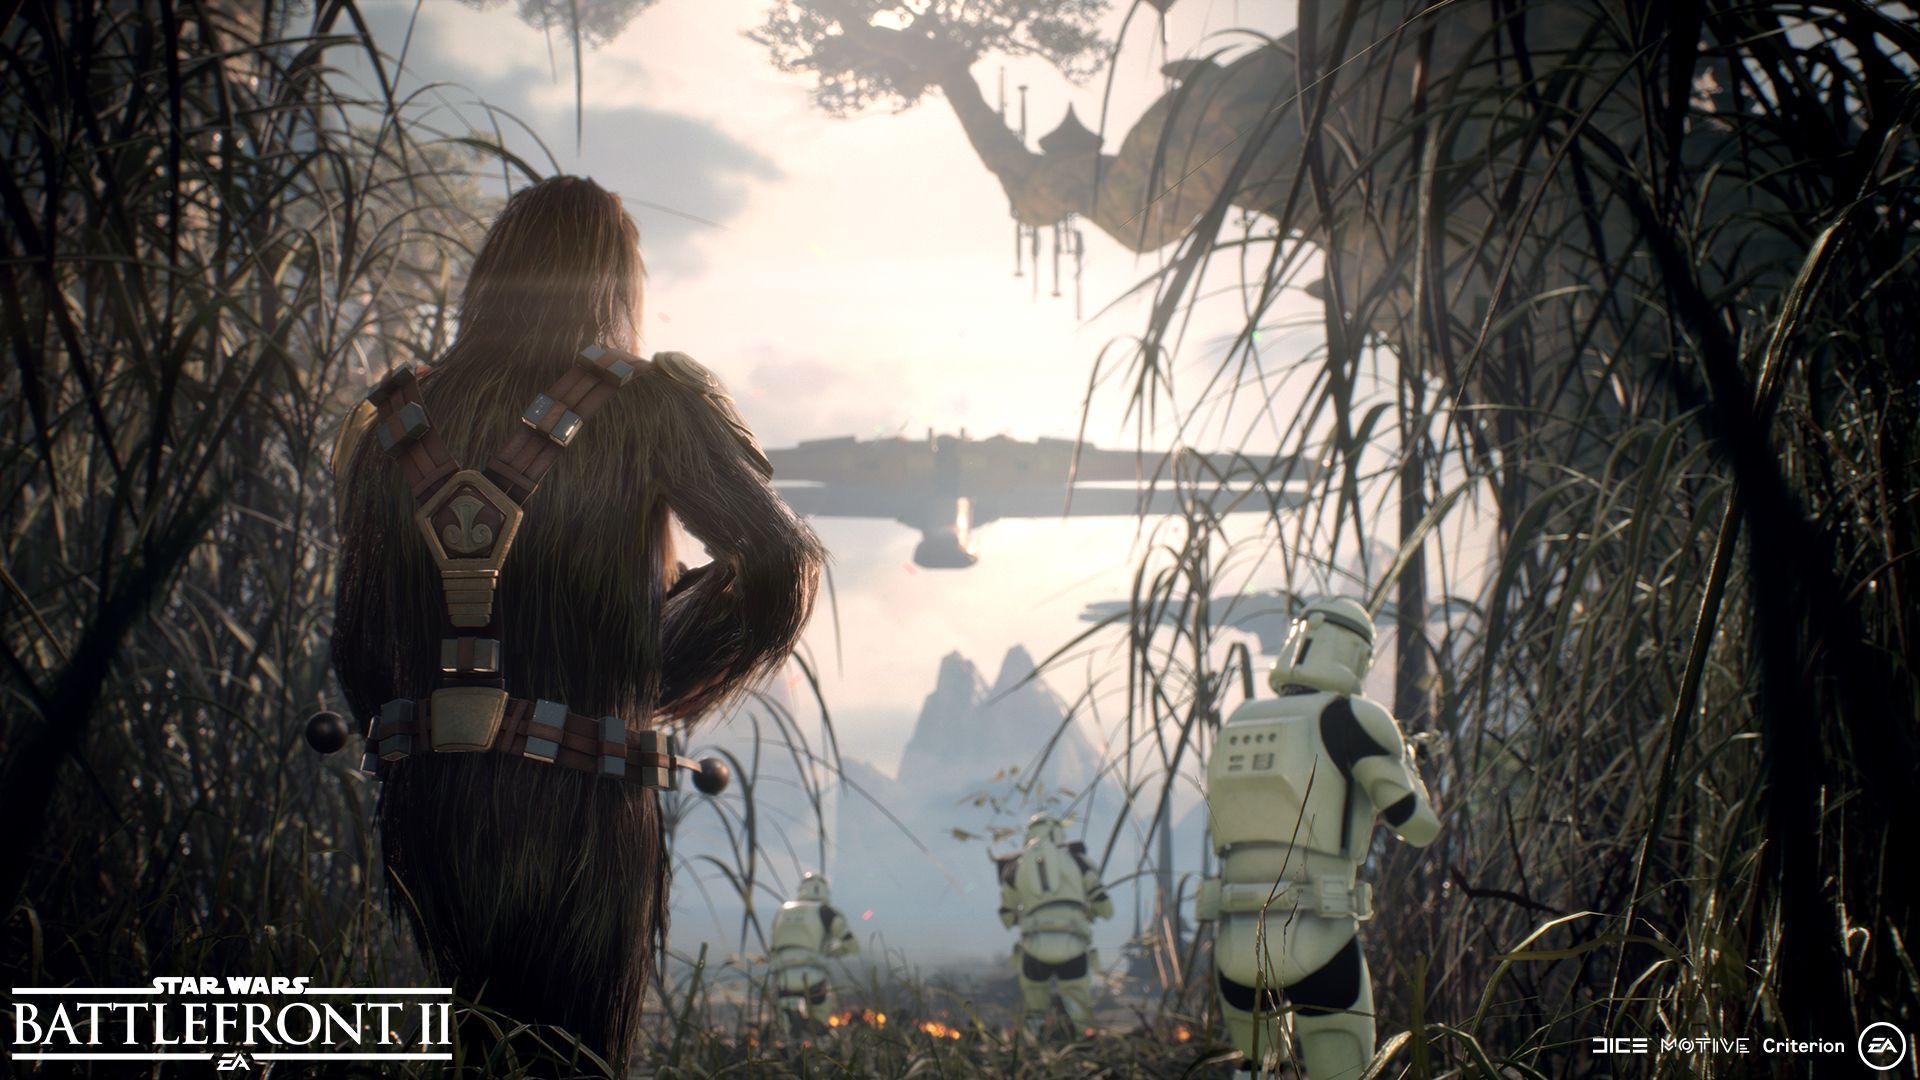 Niente Star Wars di Visceral all'E3, questo è l'anno di Battlefront II